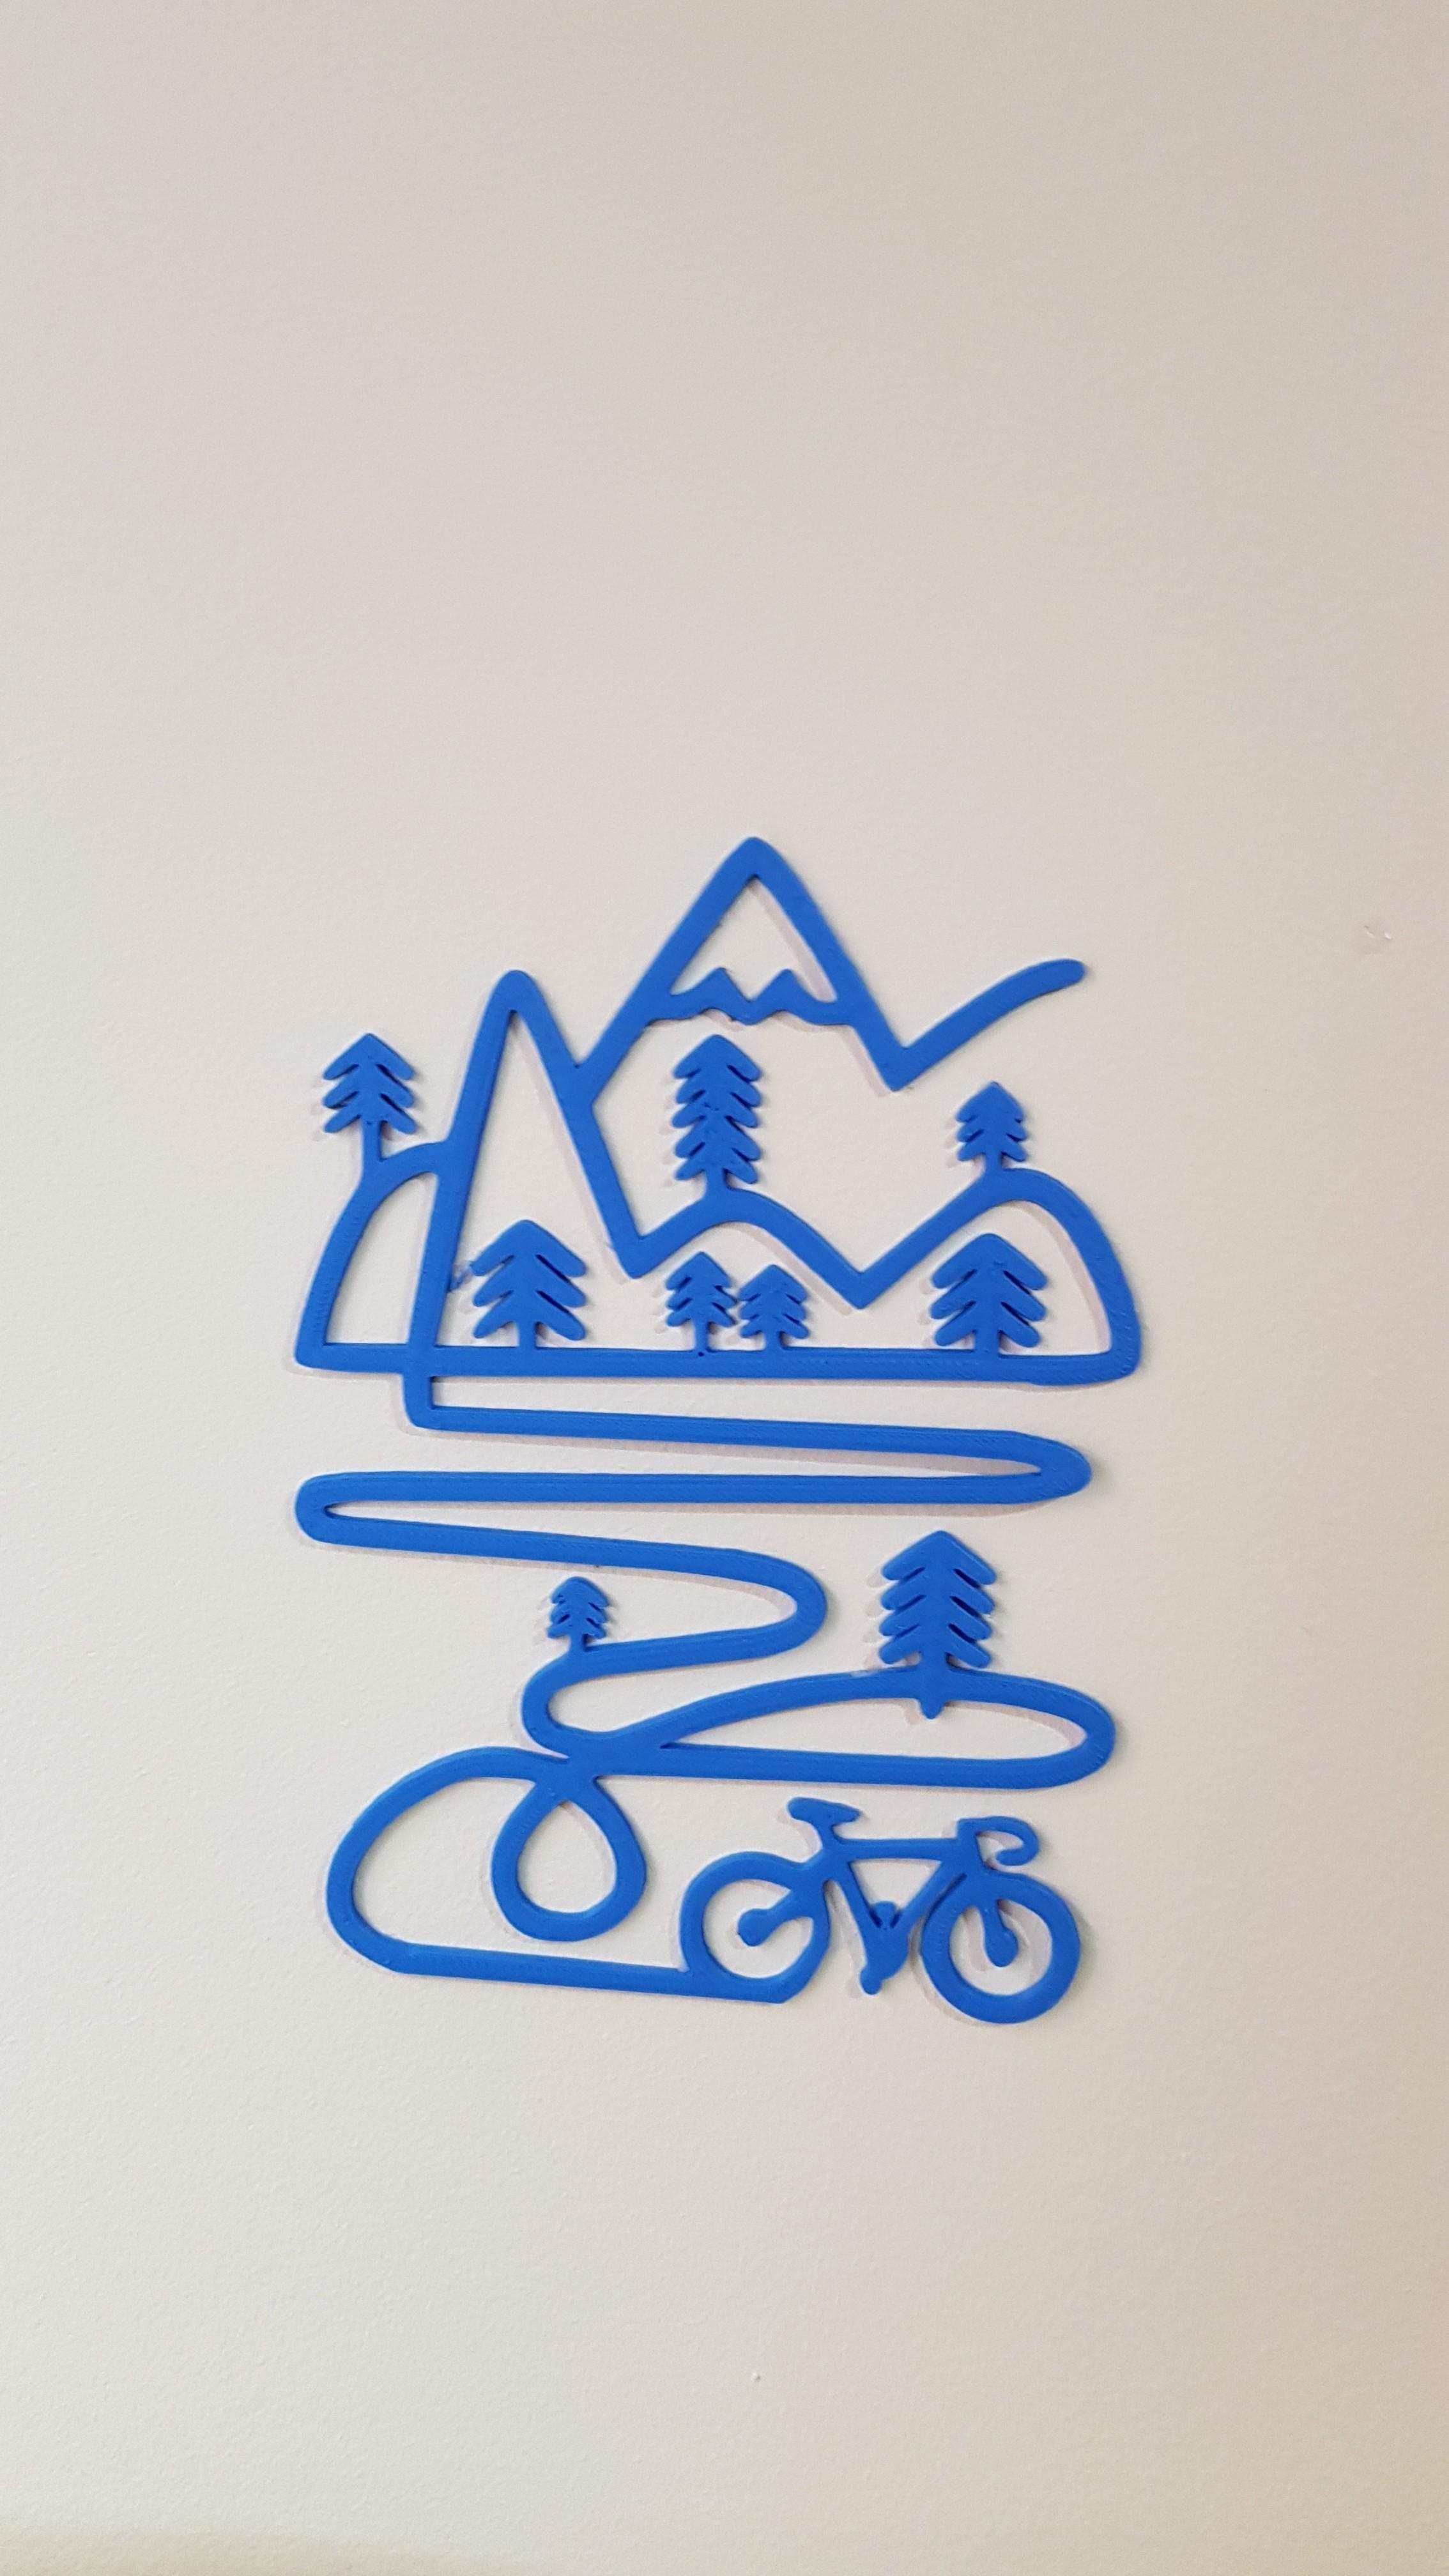 20180413_192539.jpg Télécharger fichier STL Décoration murale de vélo de montagne • Objet pour imprimante 3D, solunkejagruti